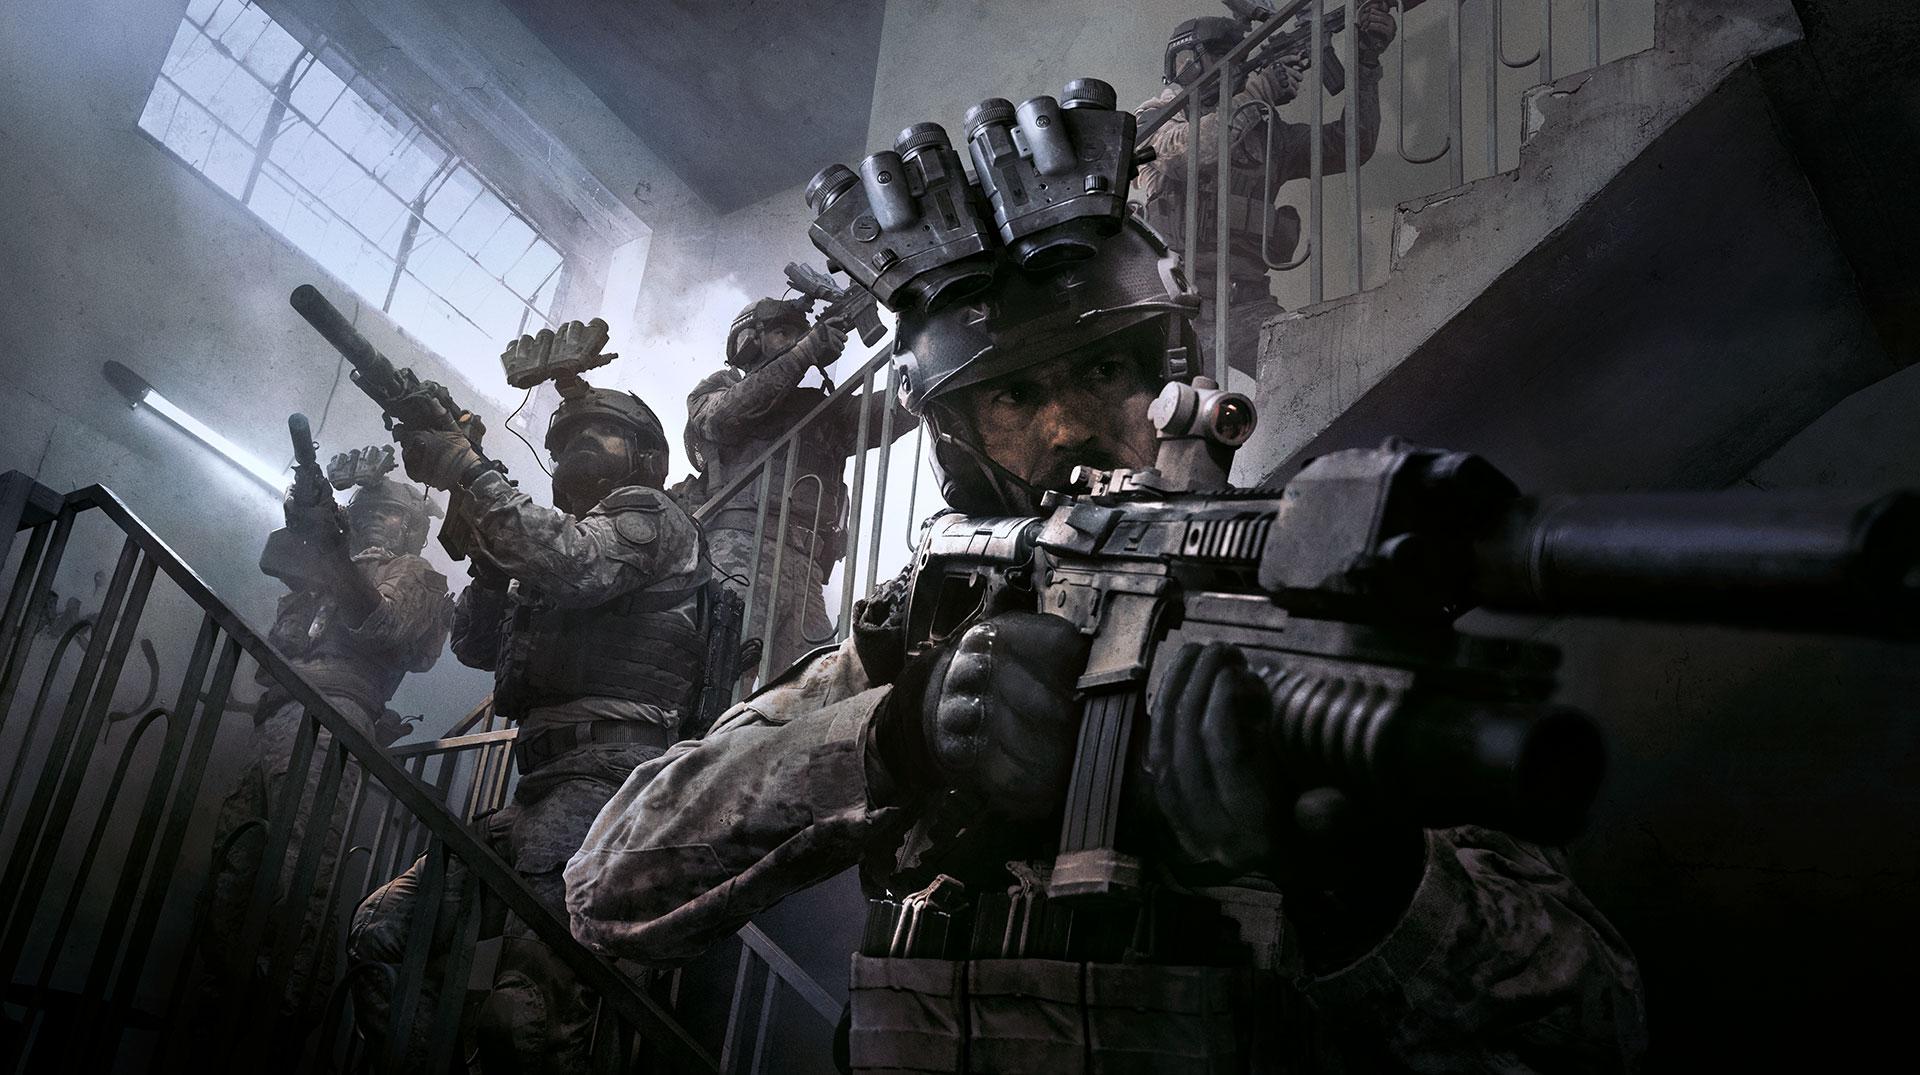 Režim Survival pro Call of Duty Modern Warfare bude mít roční exkluzivitu na PS4 + prohlášení vývojářů